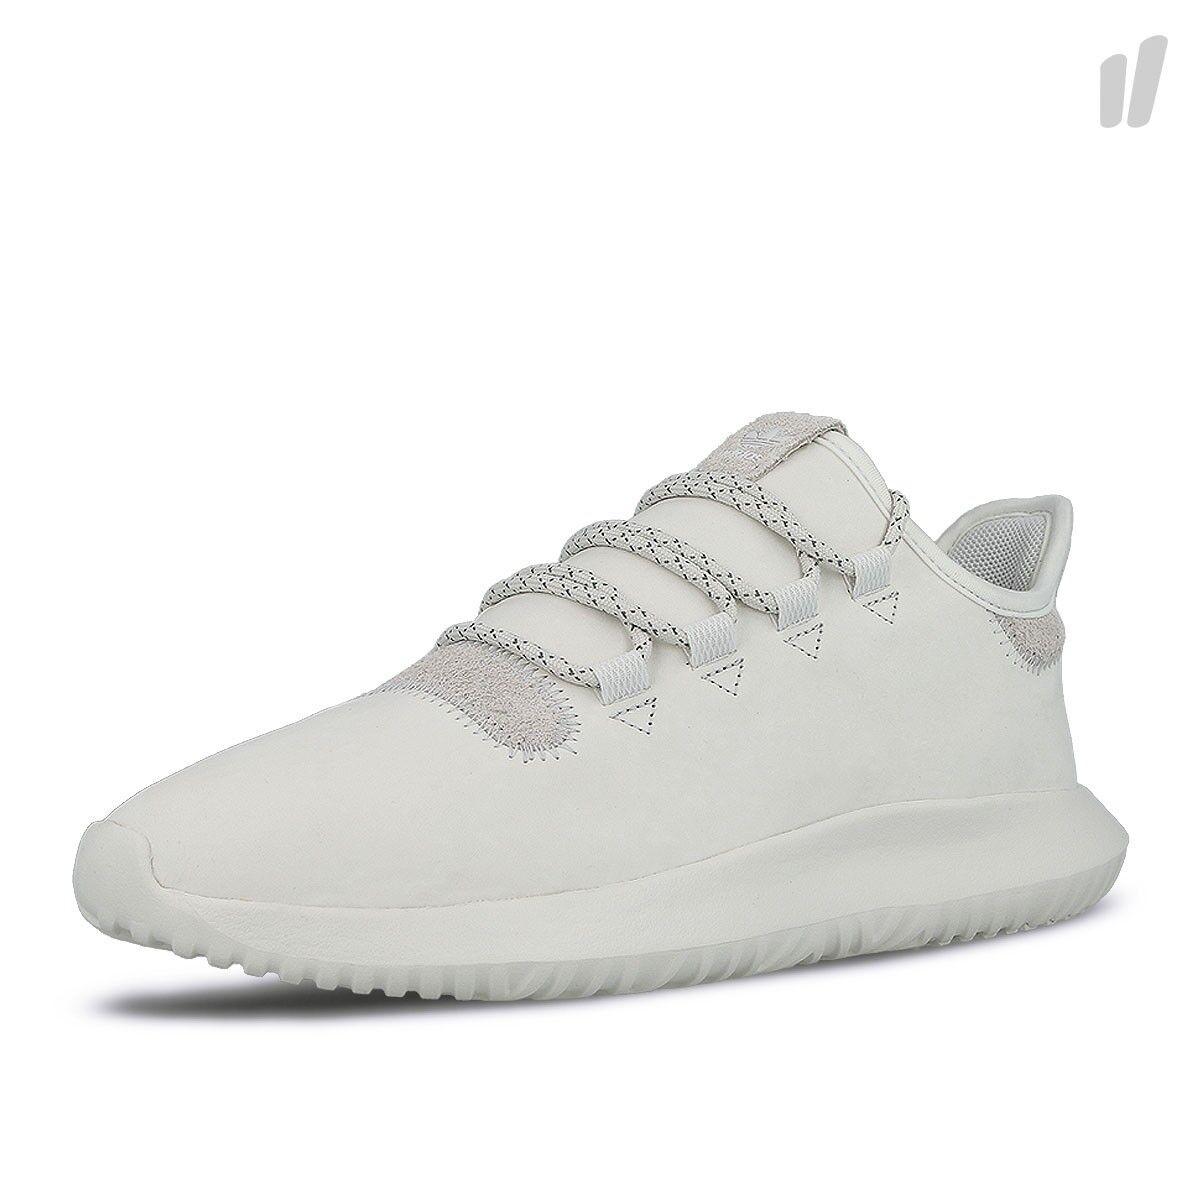 Adidas Zapatillas de cristal tubular de sombra blanco bajo bb8821 hombres zapatos blanco sombra talla 12 nuevo 2963ee